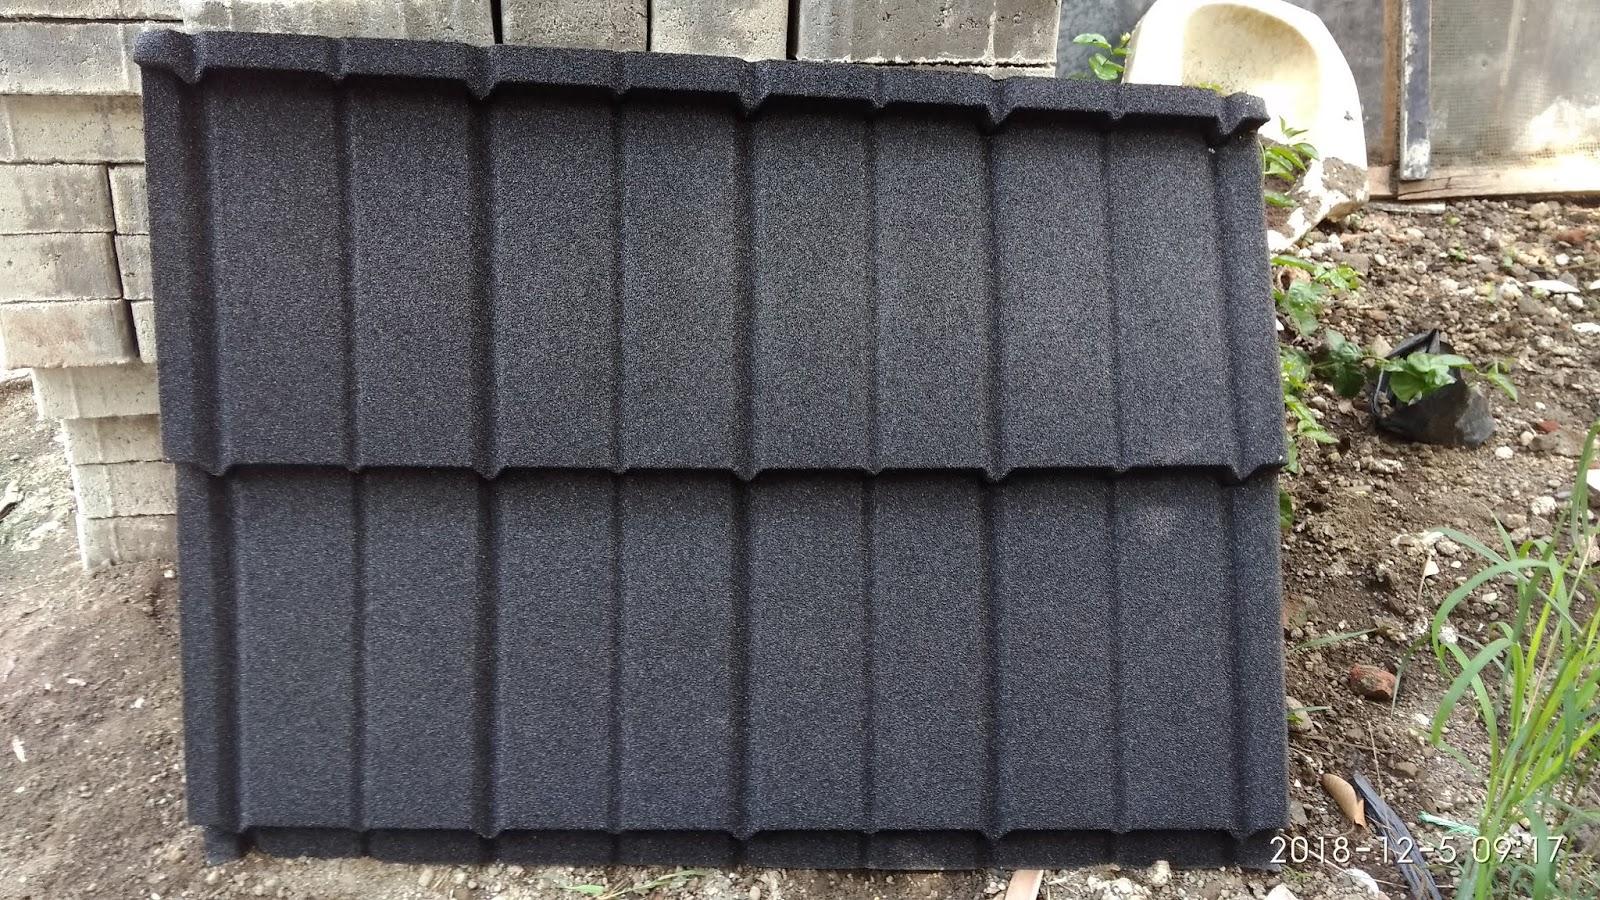 jarak reng baja ringan atap multiroof genteng metal zig zag supplier bangunan bintang bakti